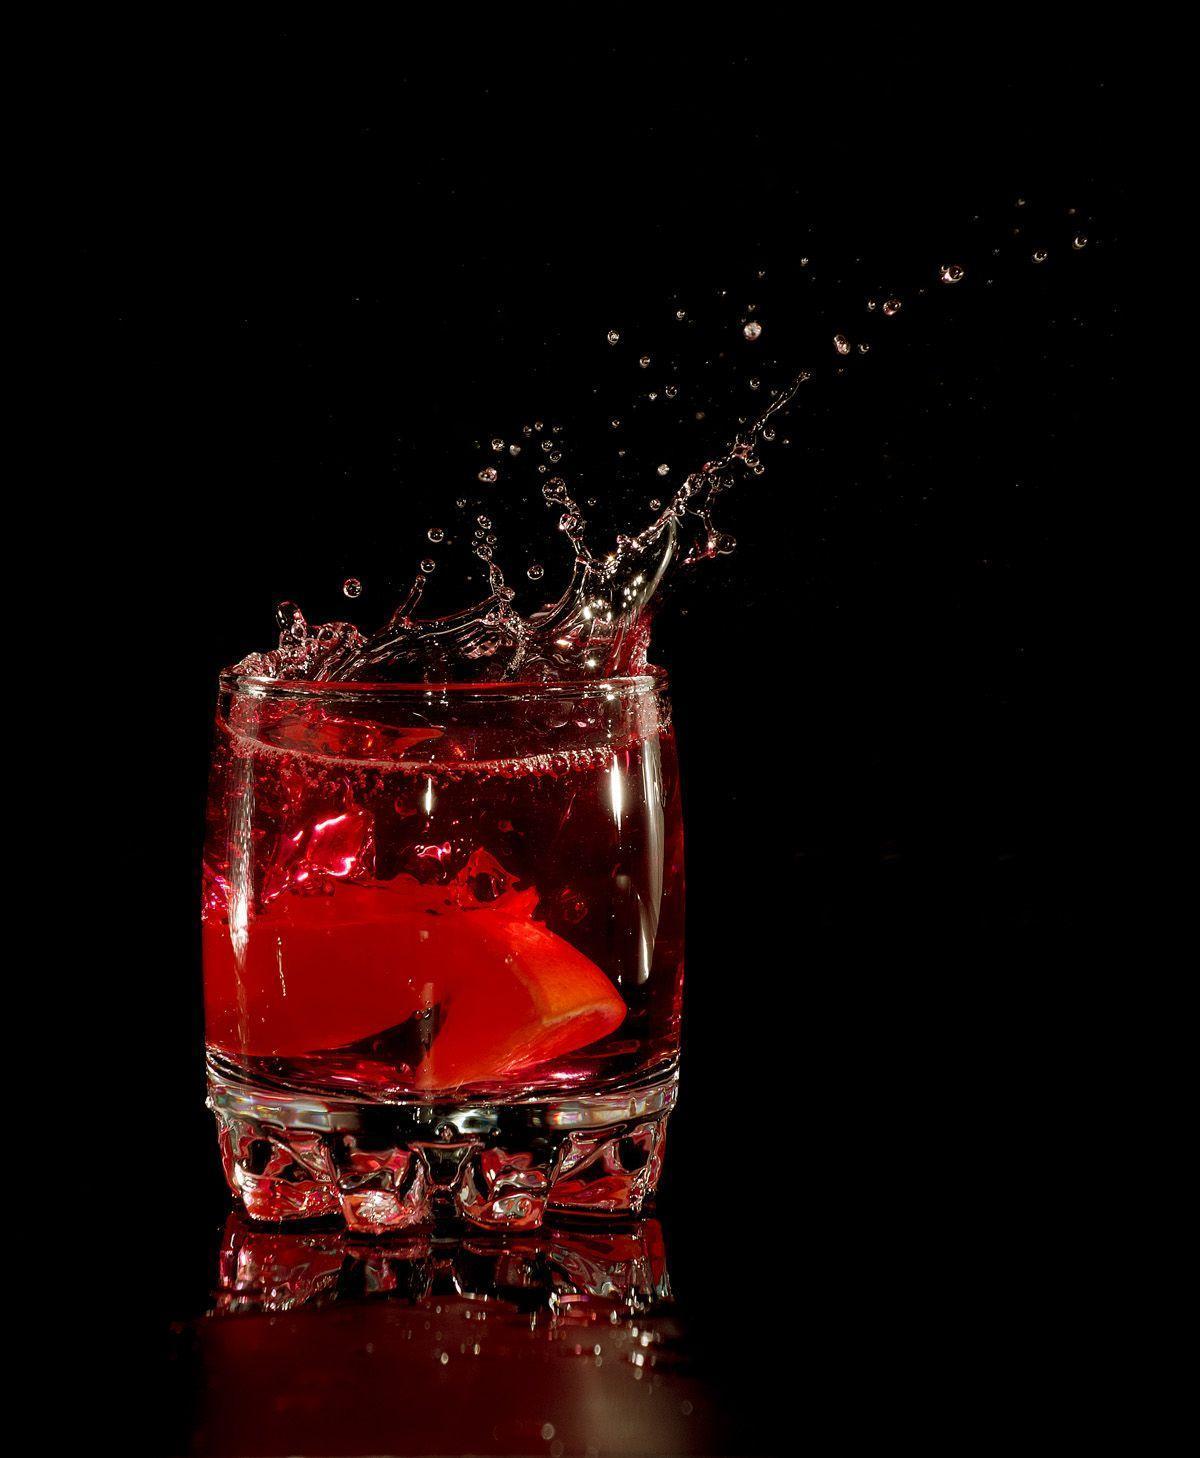 Soda | I HD Images